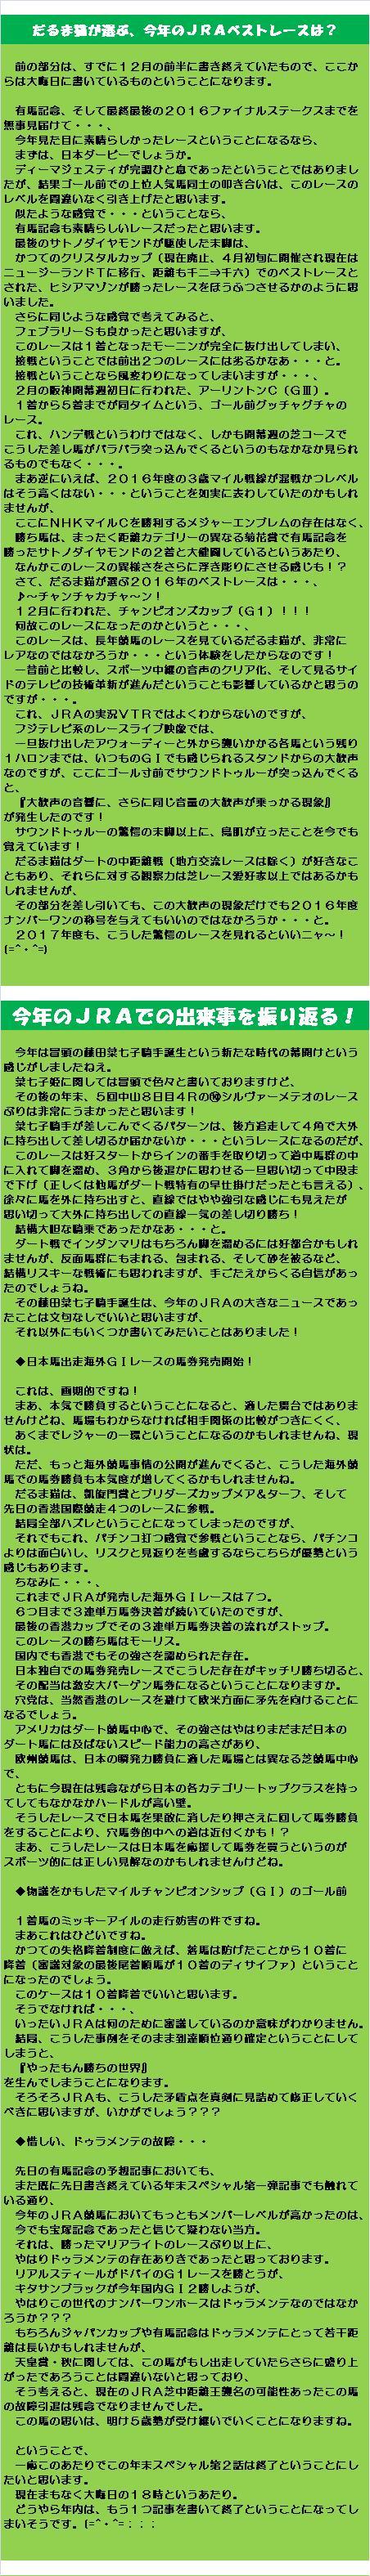 20161231・2016年振り返り ~その2~ ②.jpg